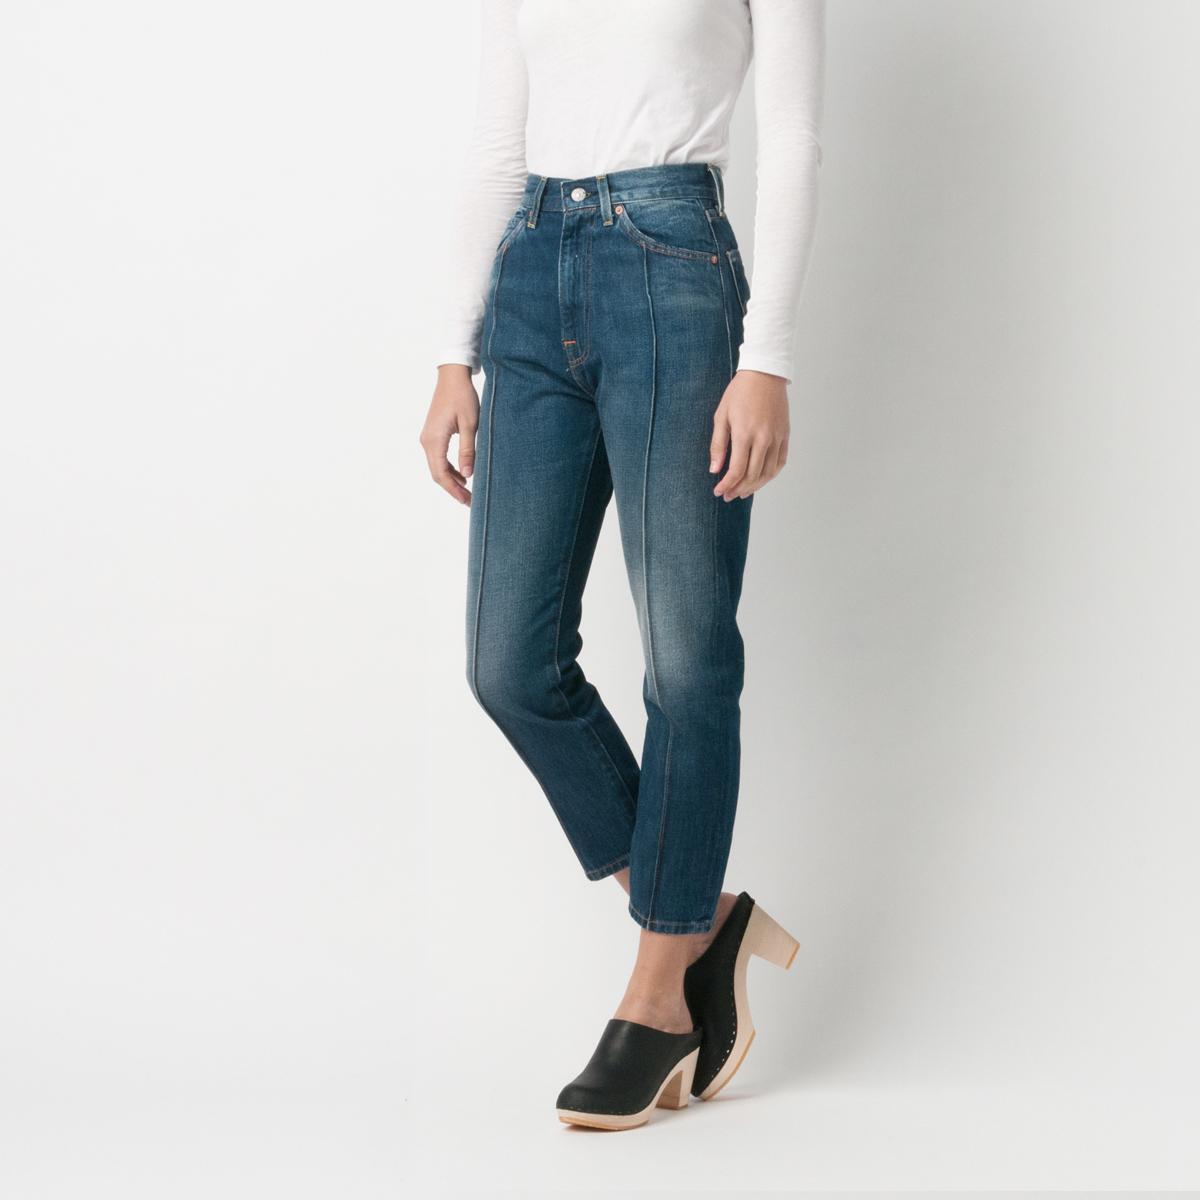 Levi's 701 Vintage Big E Selvedge Blue Ankle Jeans Pin tuck Crop sz 27x26